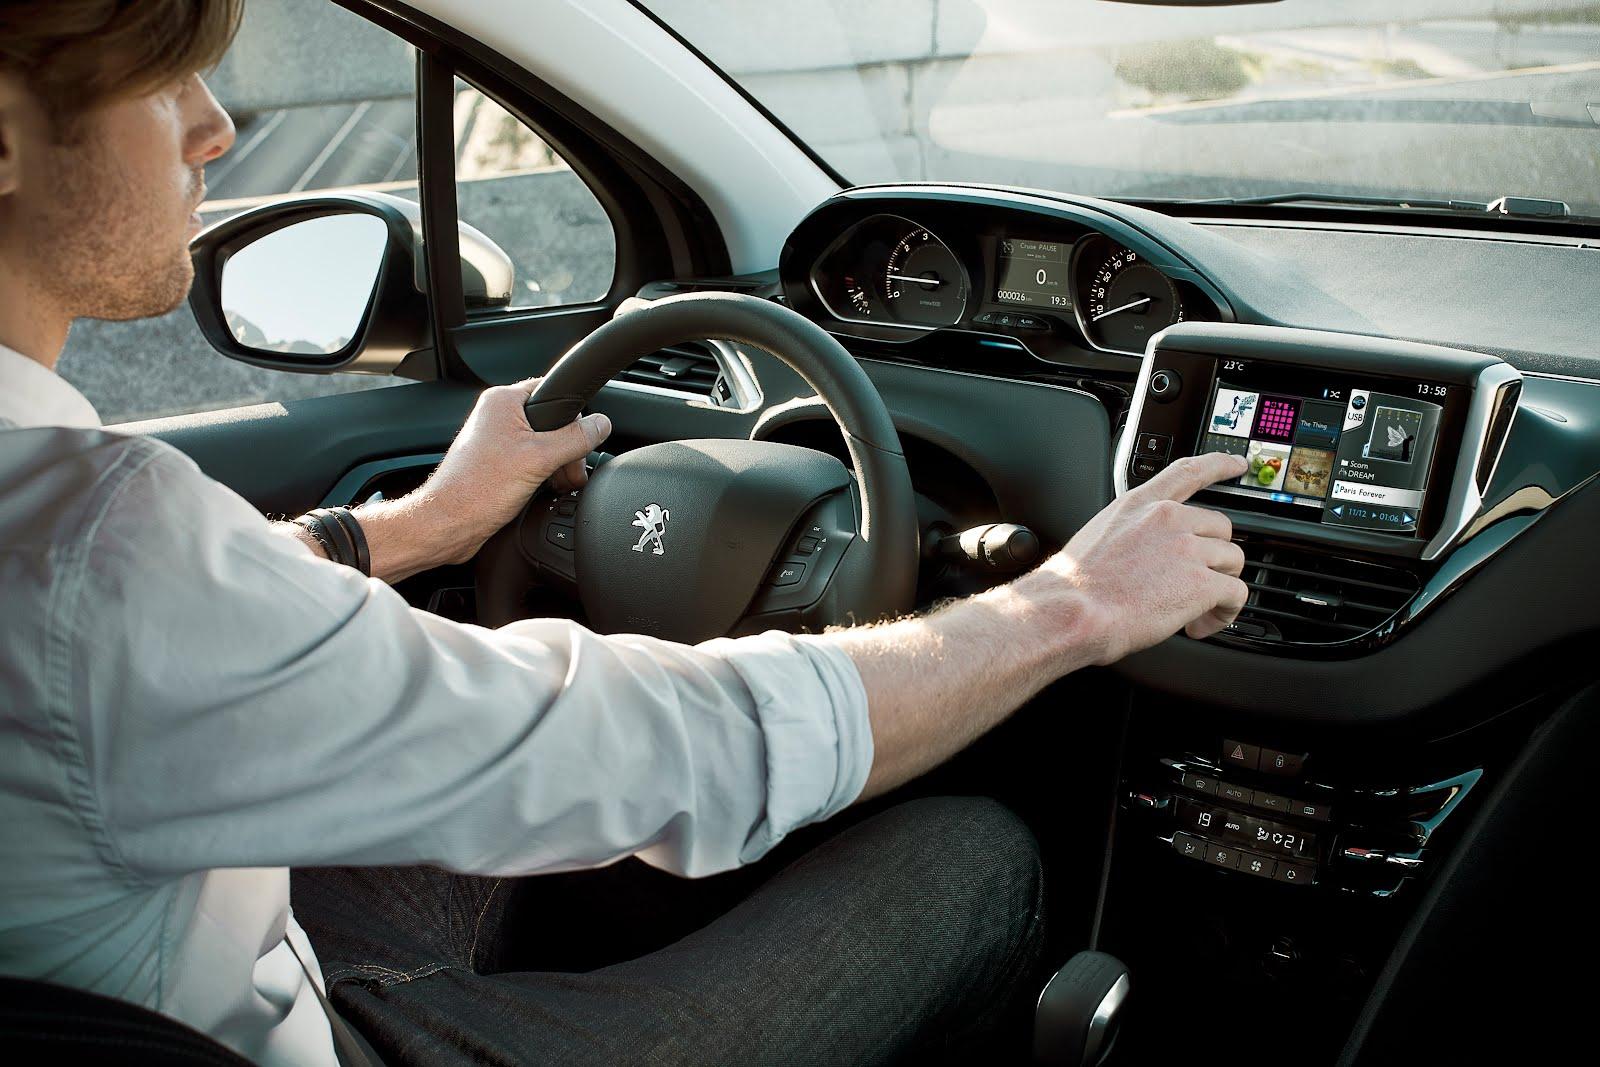 comment avoir la wifi en voiture